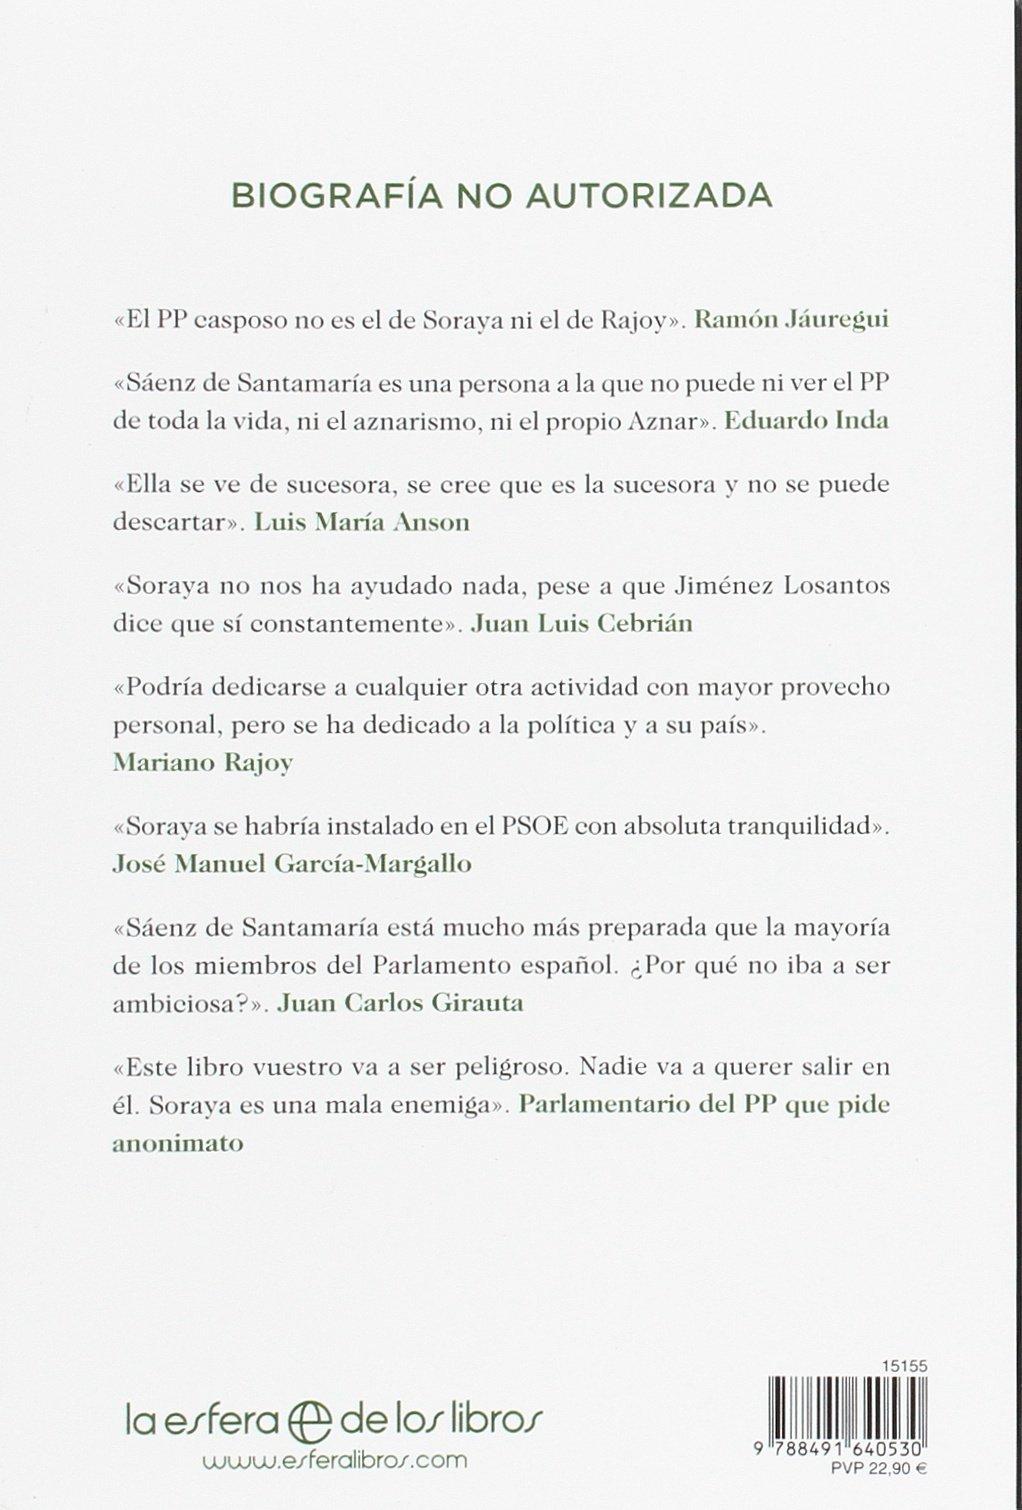 La vicepresidenta : Soraya Sáenz de Santamaría: la mujer más poderosa de España: Gabriela Bustelo, Alejandra Ruiz-Hermosilla: 9788491640530: Amazon.com: ...